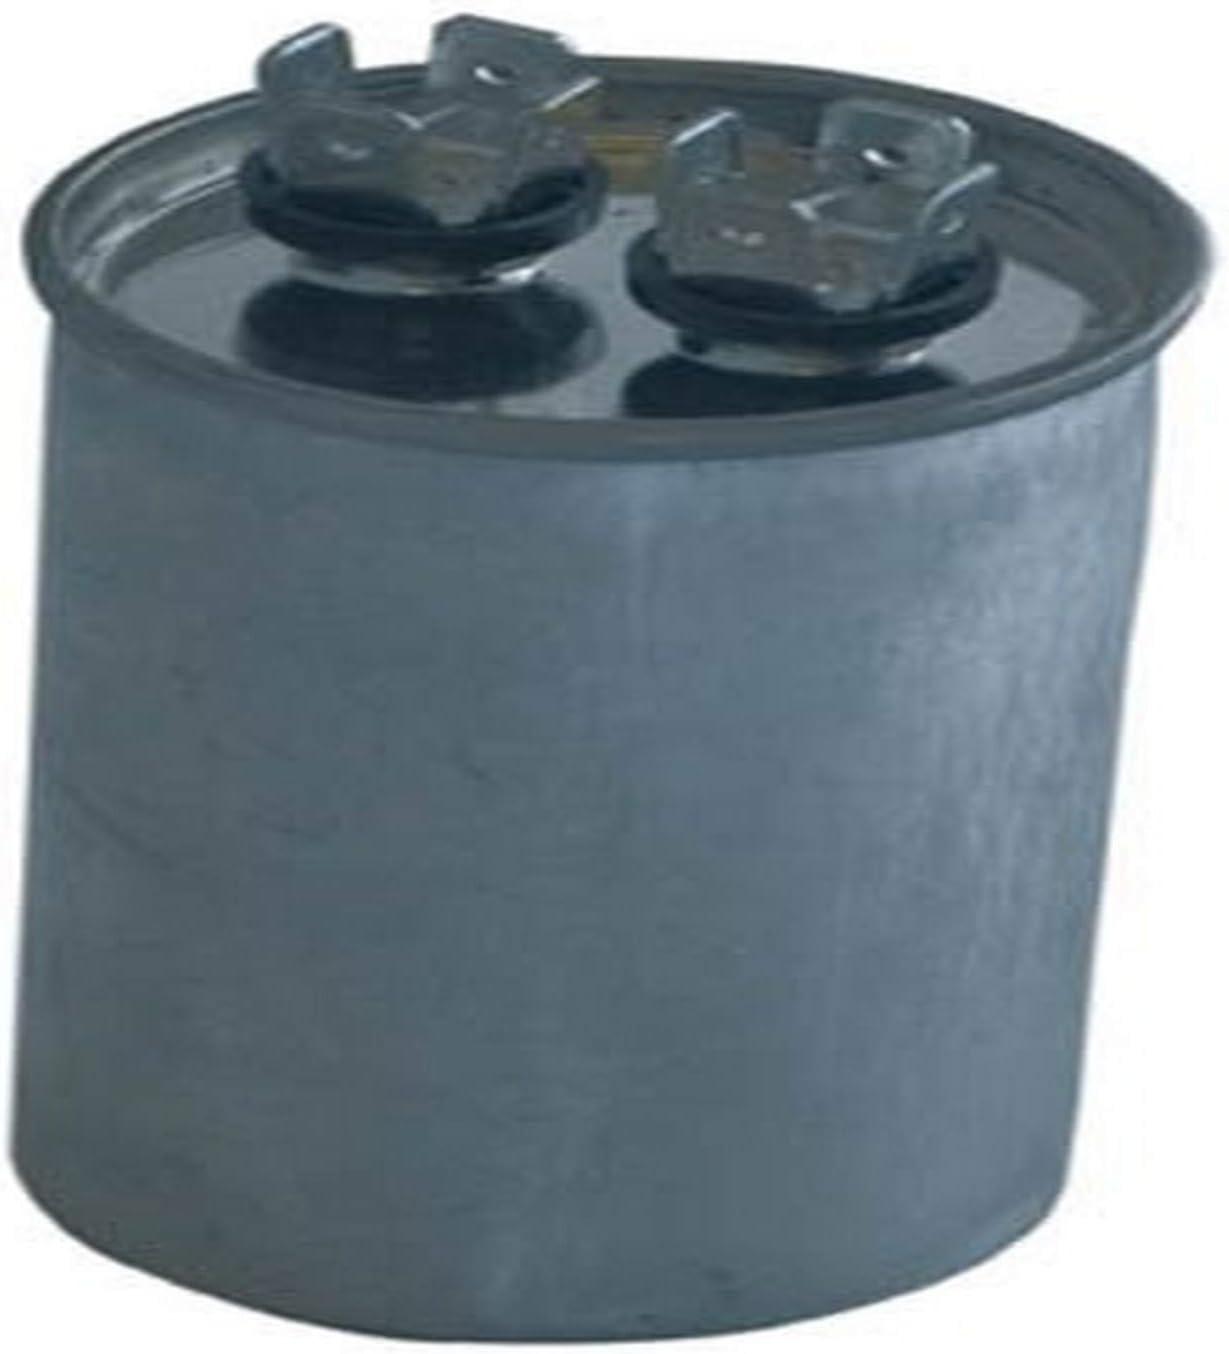 2x 12.5uF 440VAC Motor Run Capacitor 440V AC 12.5mfd Pump Unit